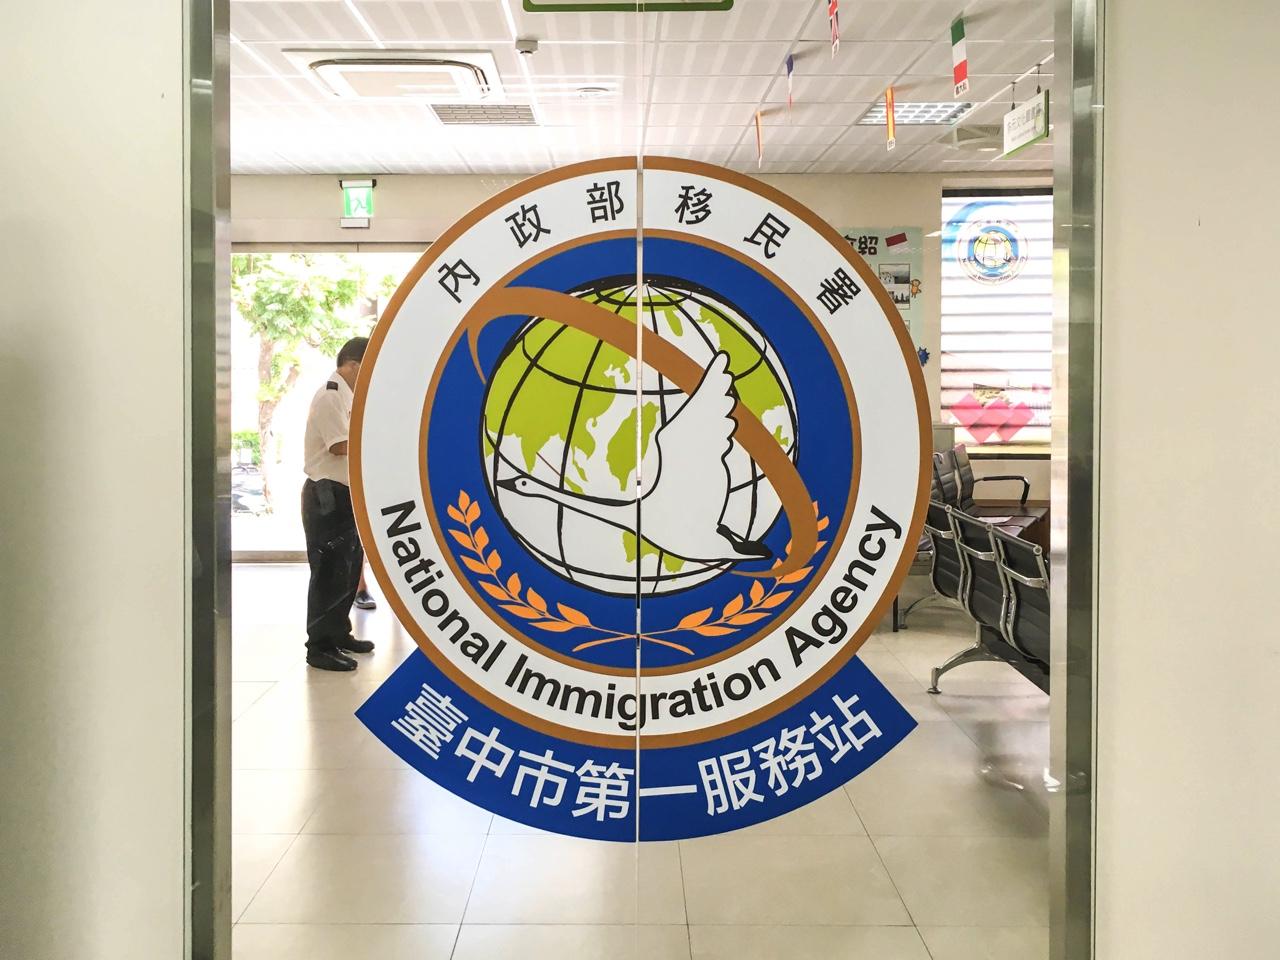 內政府移民署 臺中市第一服務站の扉